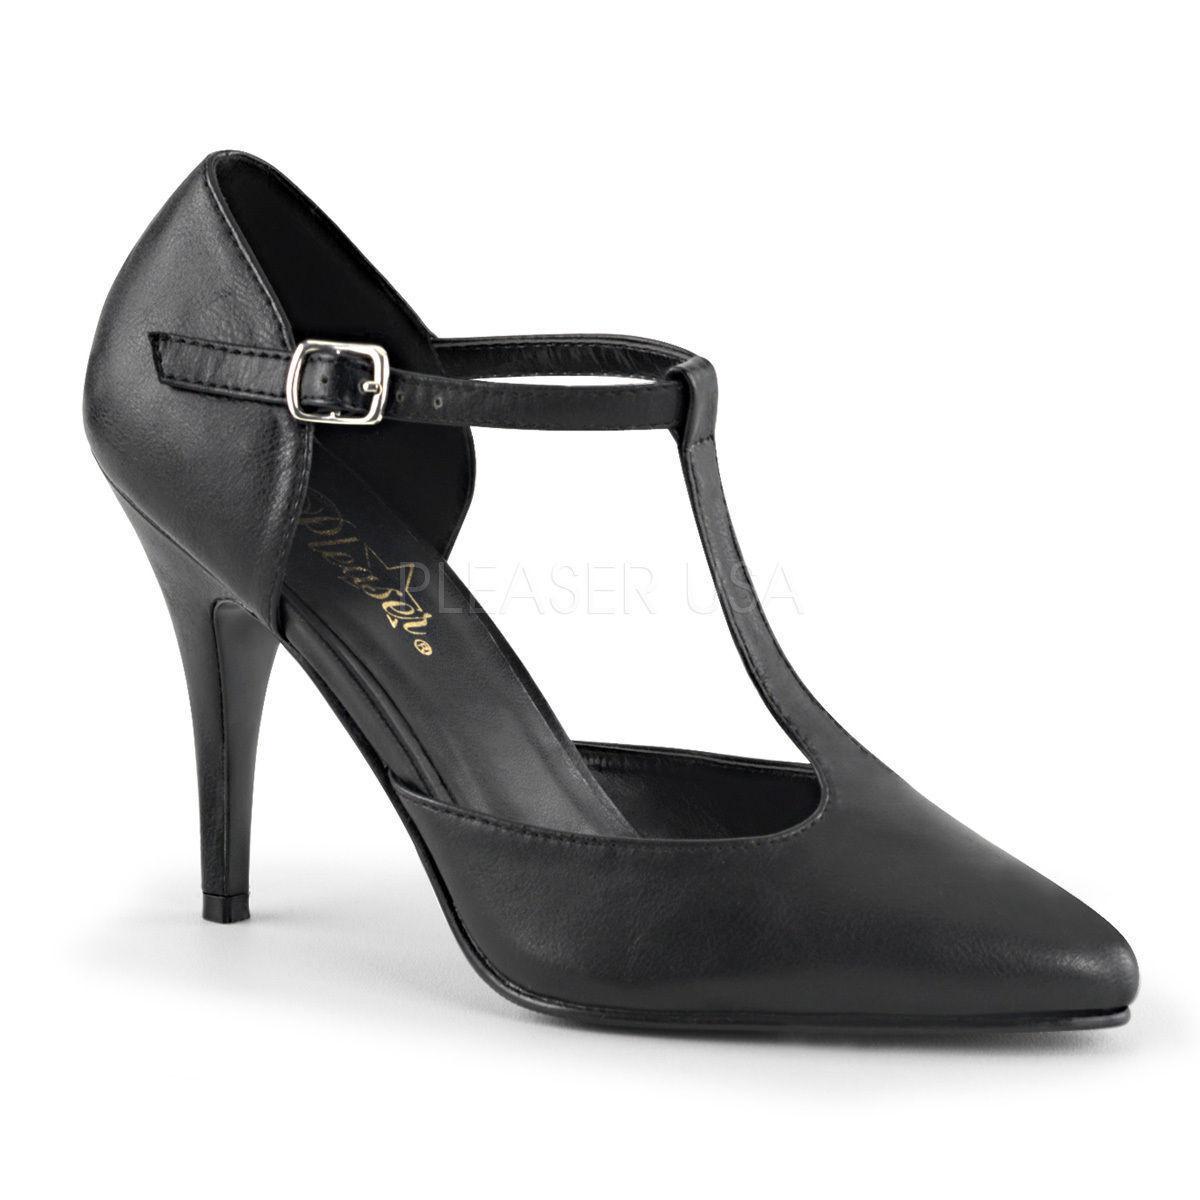 Los últimos zapatos de descuento para hombres y mujeres Vanity - 415 eróticos Pleaser señora tacón alto de salón con tiras negro Gr 35-47